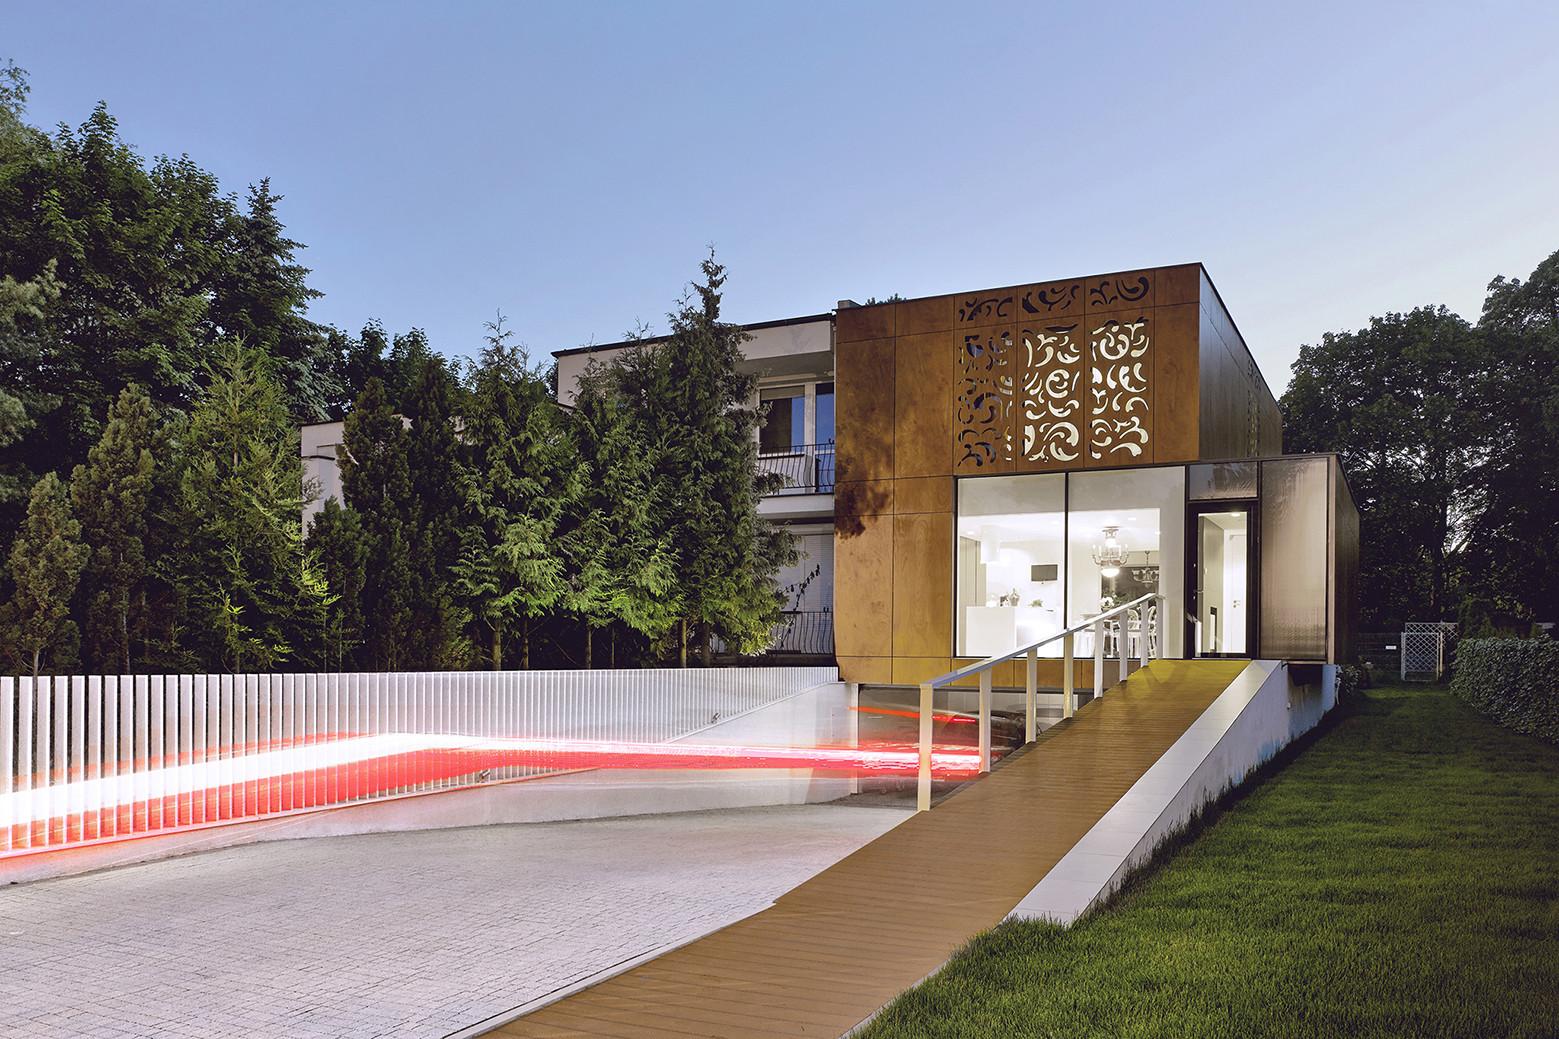 Perforated House / Piotr Kluj + Paweł Litwinowicz , © Jeremi Buczkowski